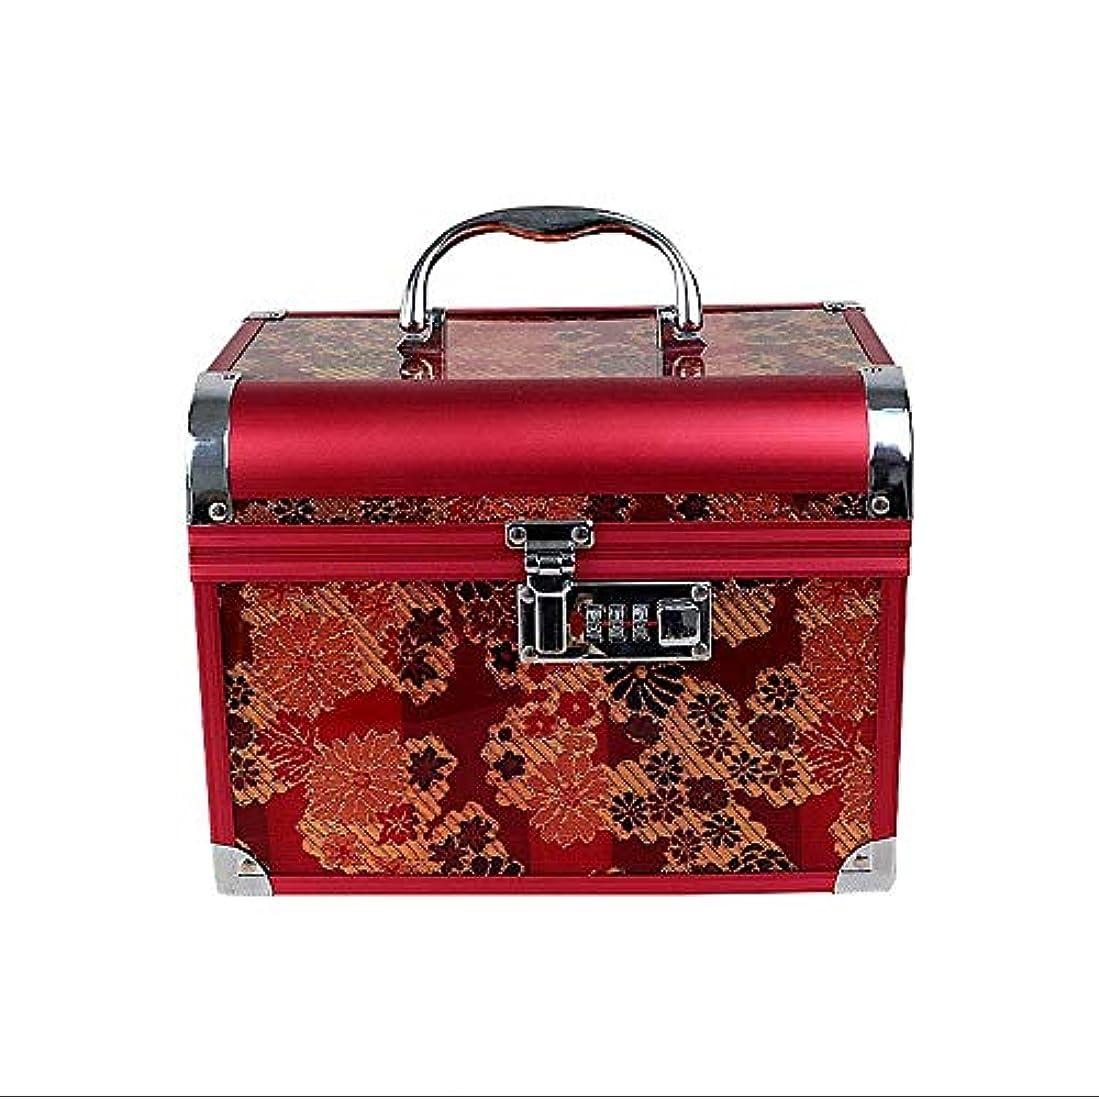 訪問挽く予感化粧オーガナイザーバッグ 美容メイクアップのための大容量ポータブル化粧ケース、女性用女性用旅行用品、コード付きロック付き折り畳みトレイ 化粧品ケース